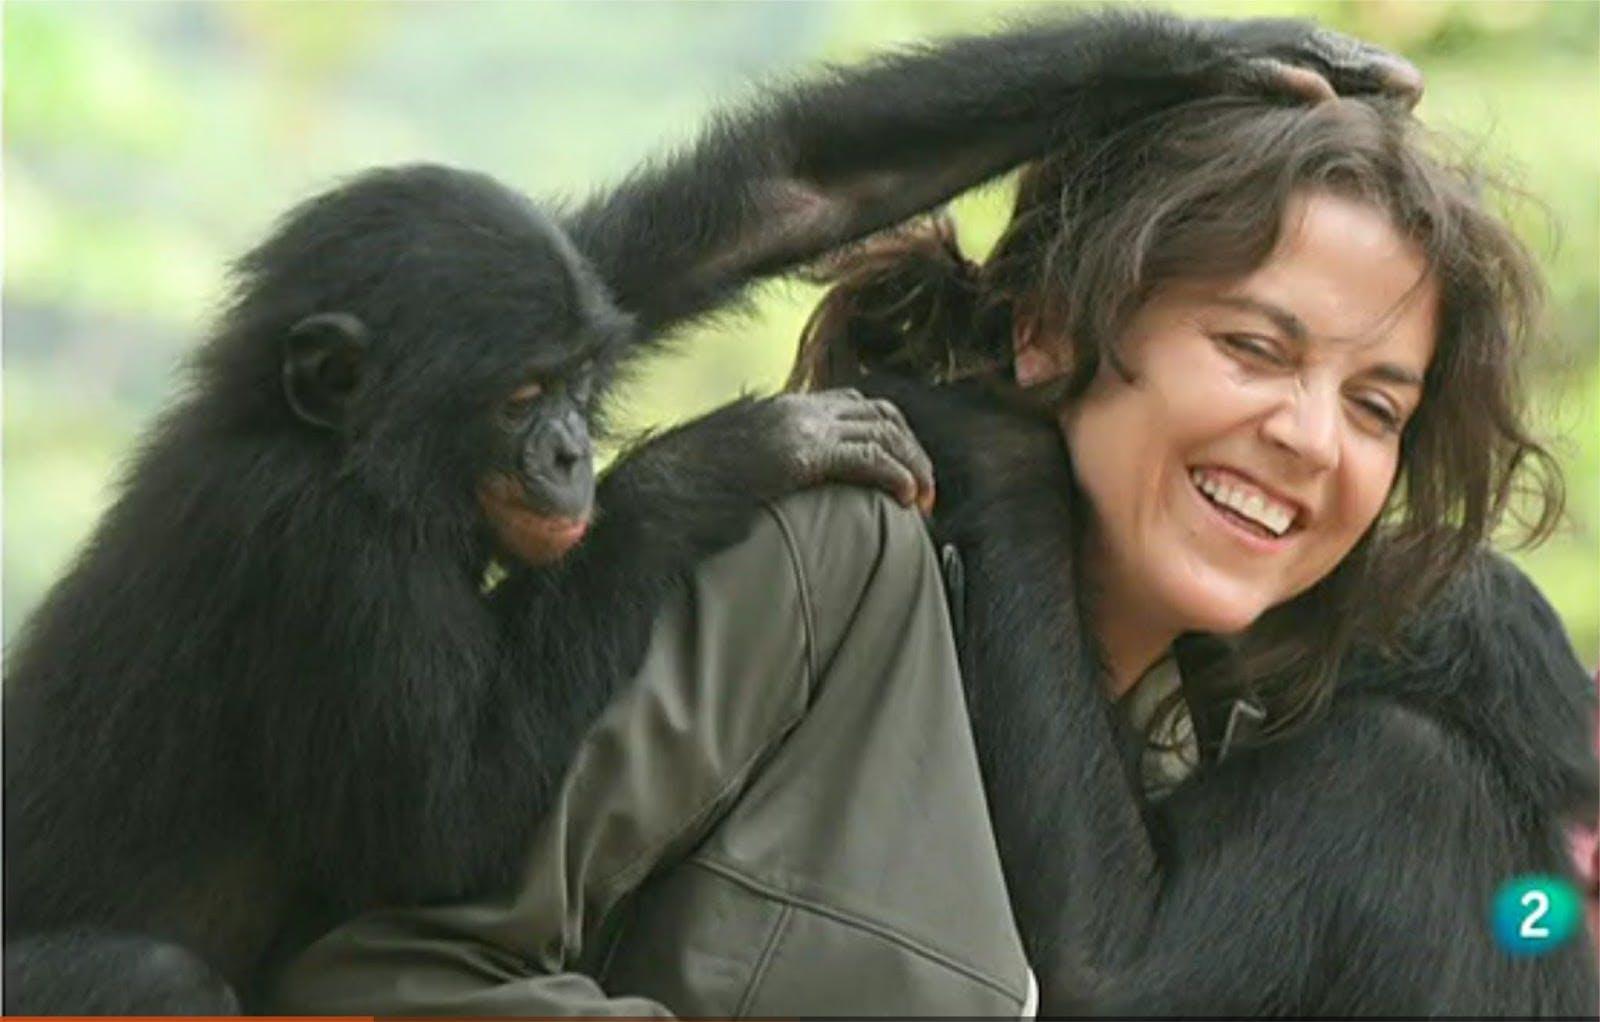 Isabel Behncke, parte 1: Travesía tras nuestros primos evolutivos  - Sec@s - Emisor Podcasting